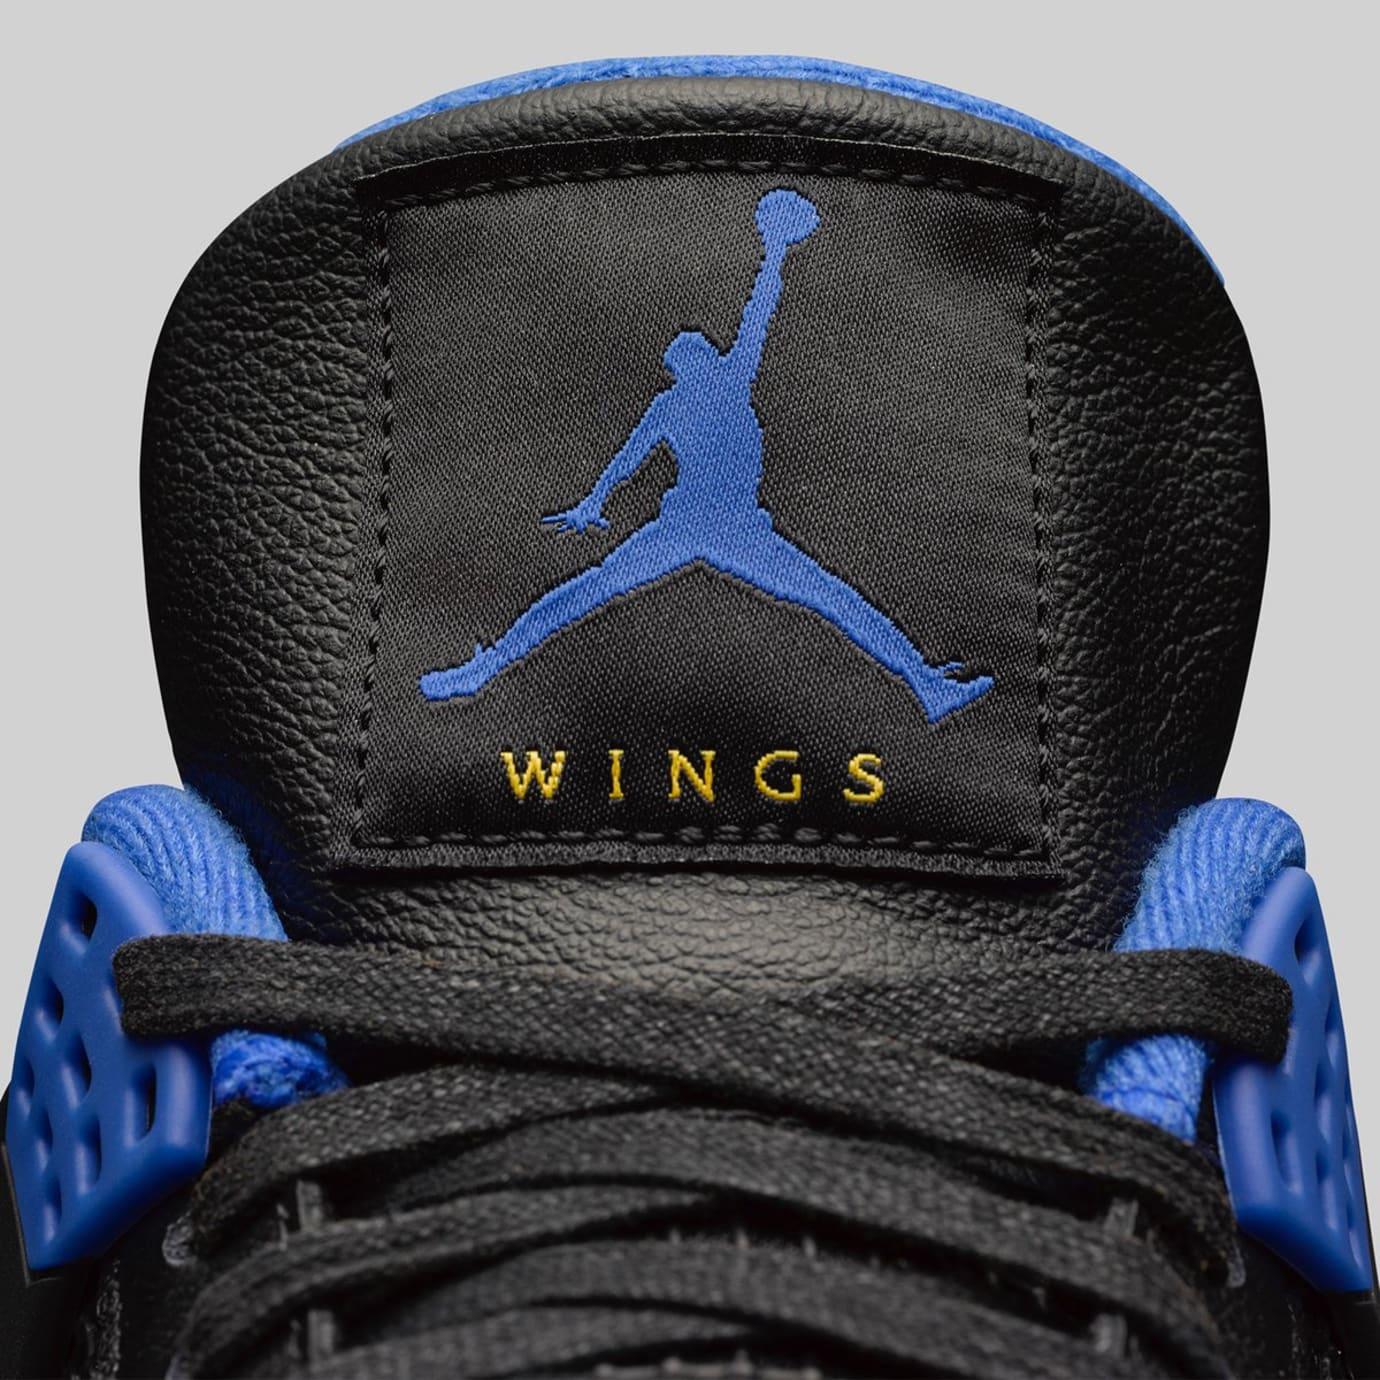 e634776833cb32 Image via J23app · air-jordan-4-wings-unreleased-tongue